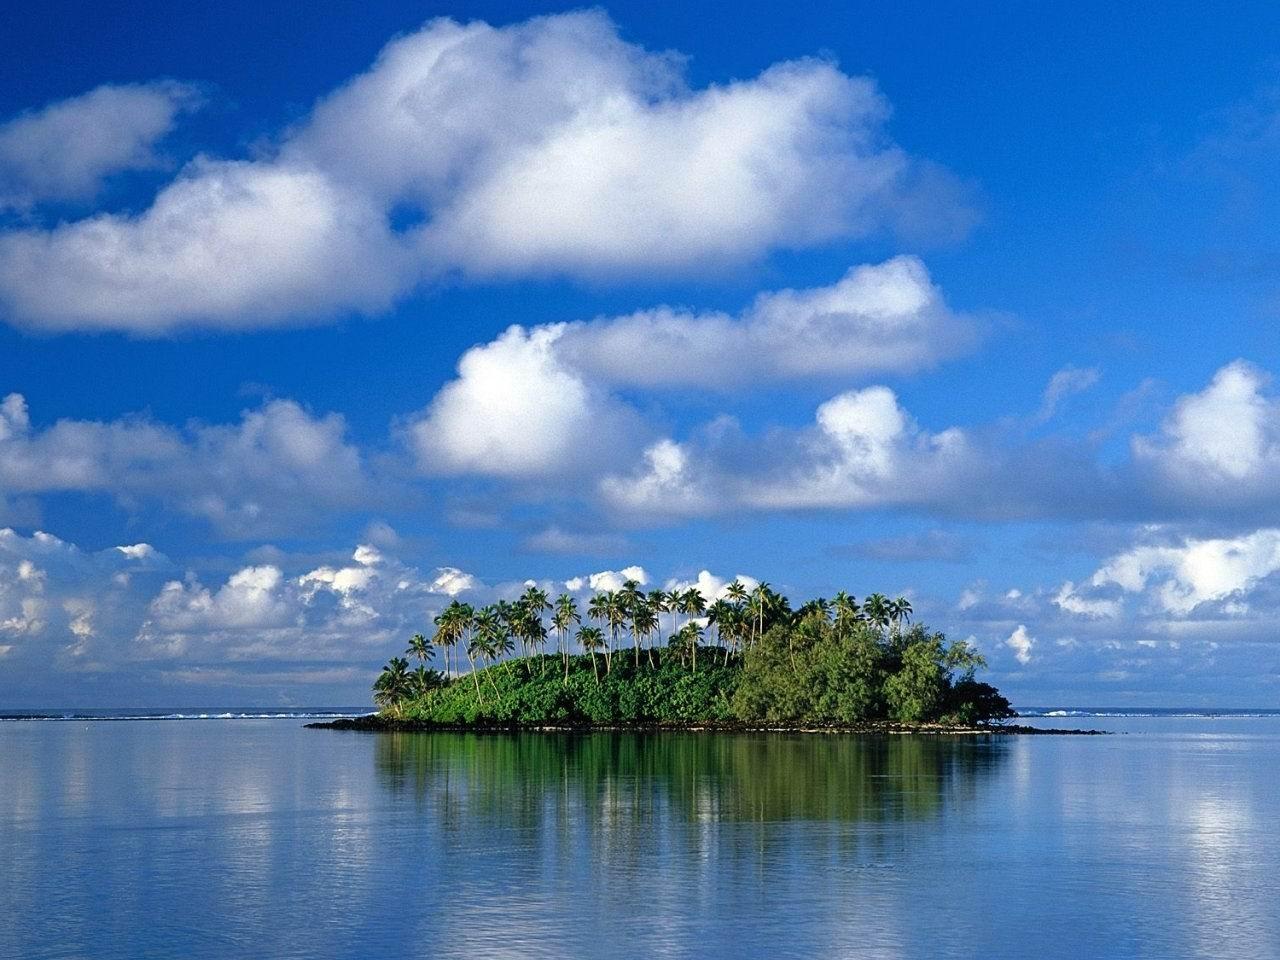 25150 скачать обои Пейзаж, Небо, Море, Облака, Пальмы - заставки и картинки бесплатно